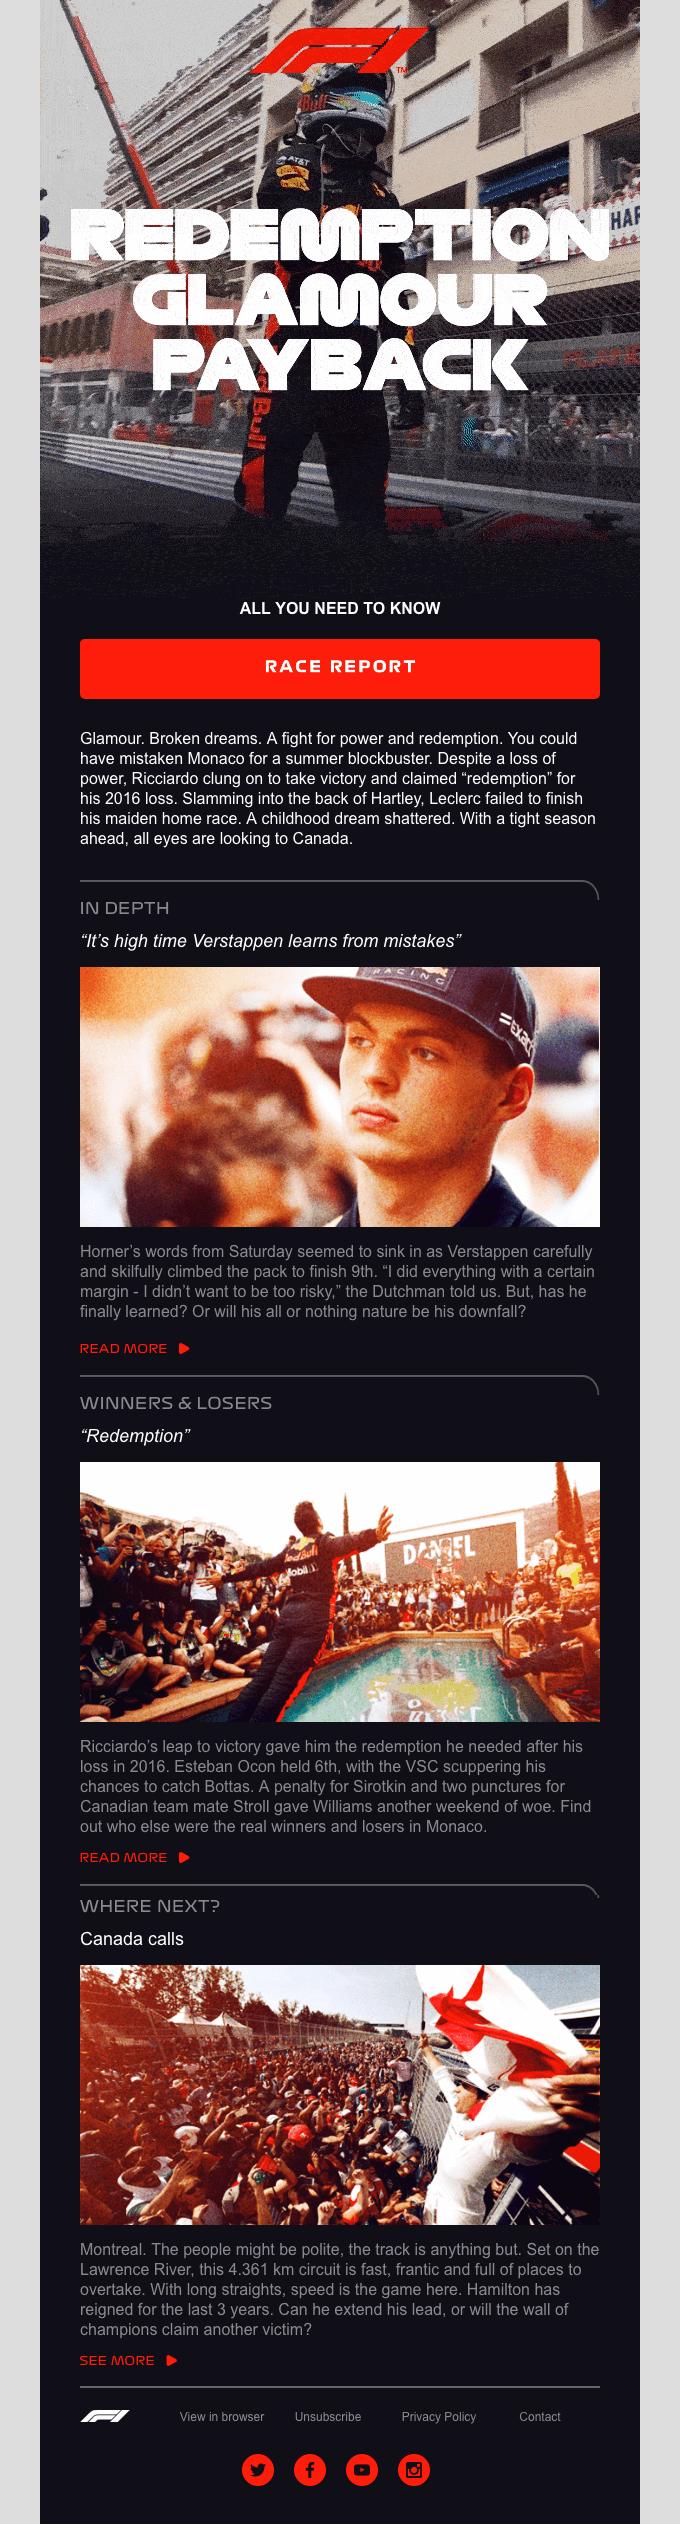 email marketing inspiration Formula 1